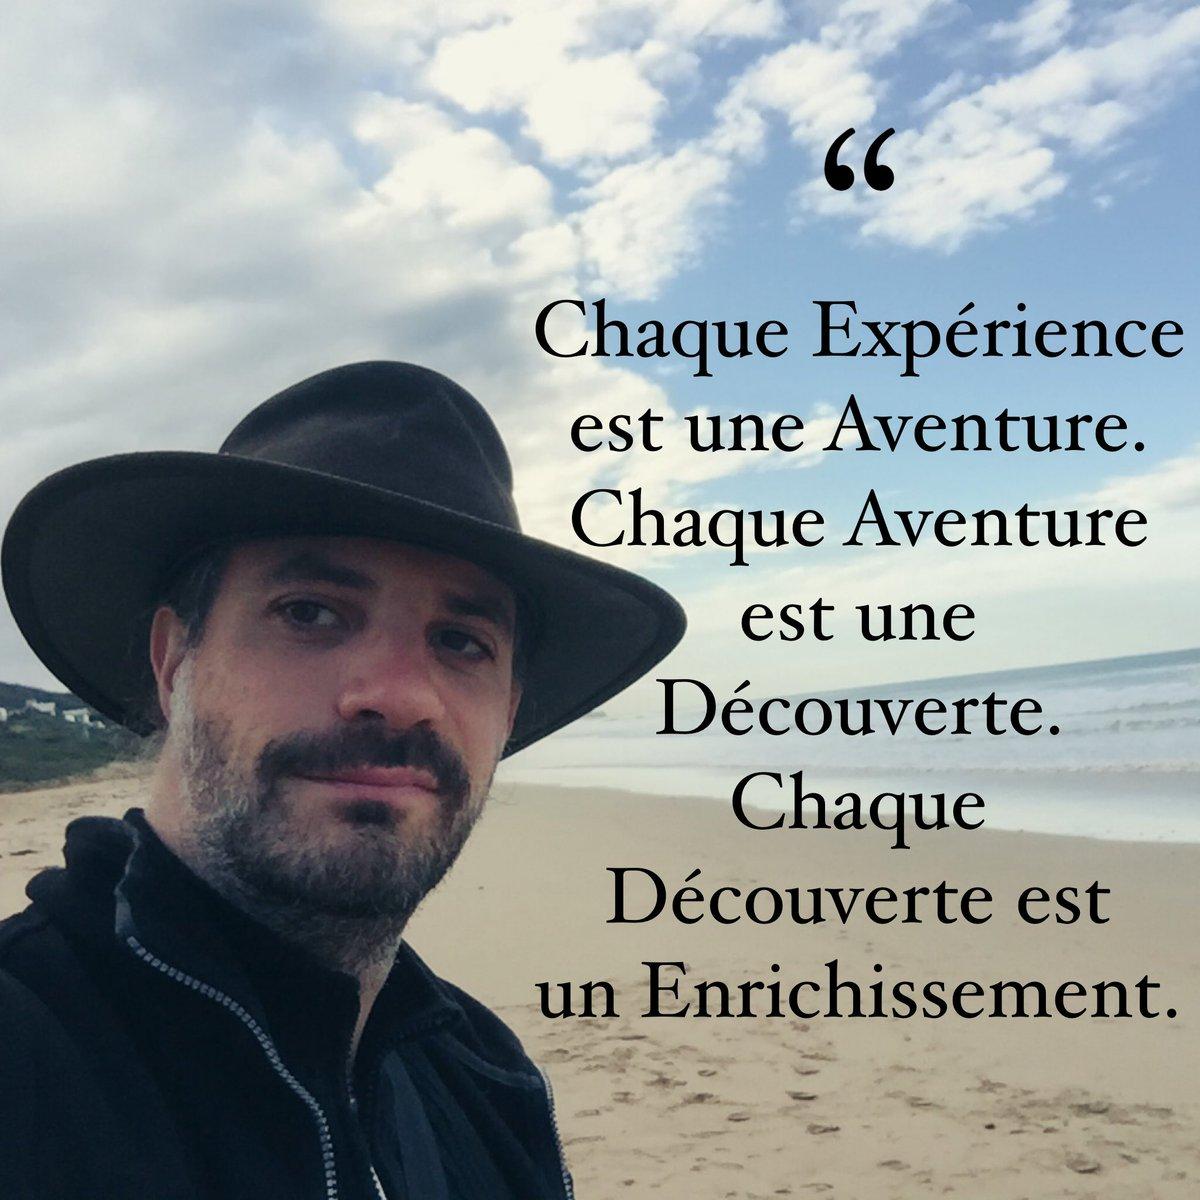 Chaque #Expérience 🧪 est une #Aventure 🤠. Chaque Aventure est une #Découverte. Chaque Découverte est un #Enrichissement. https://t.co/EJQcIrAjjh